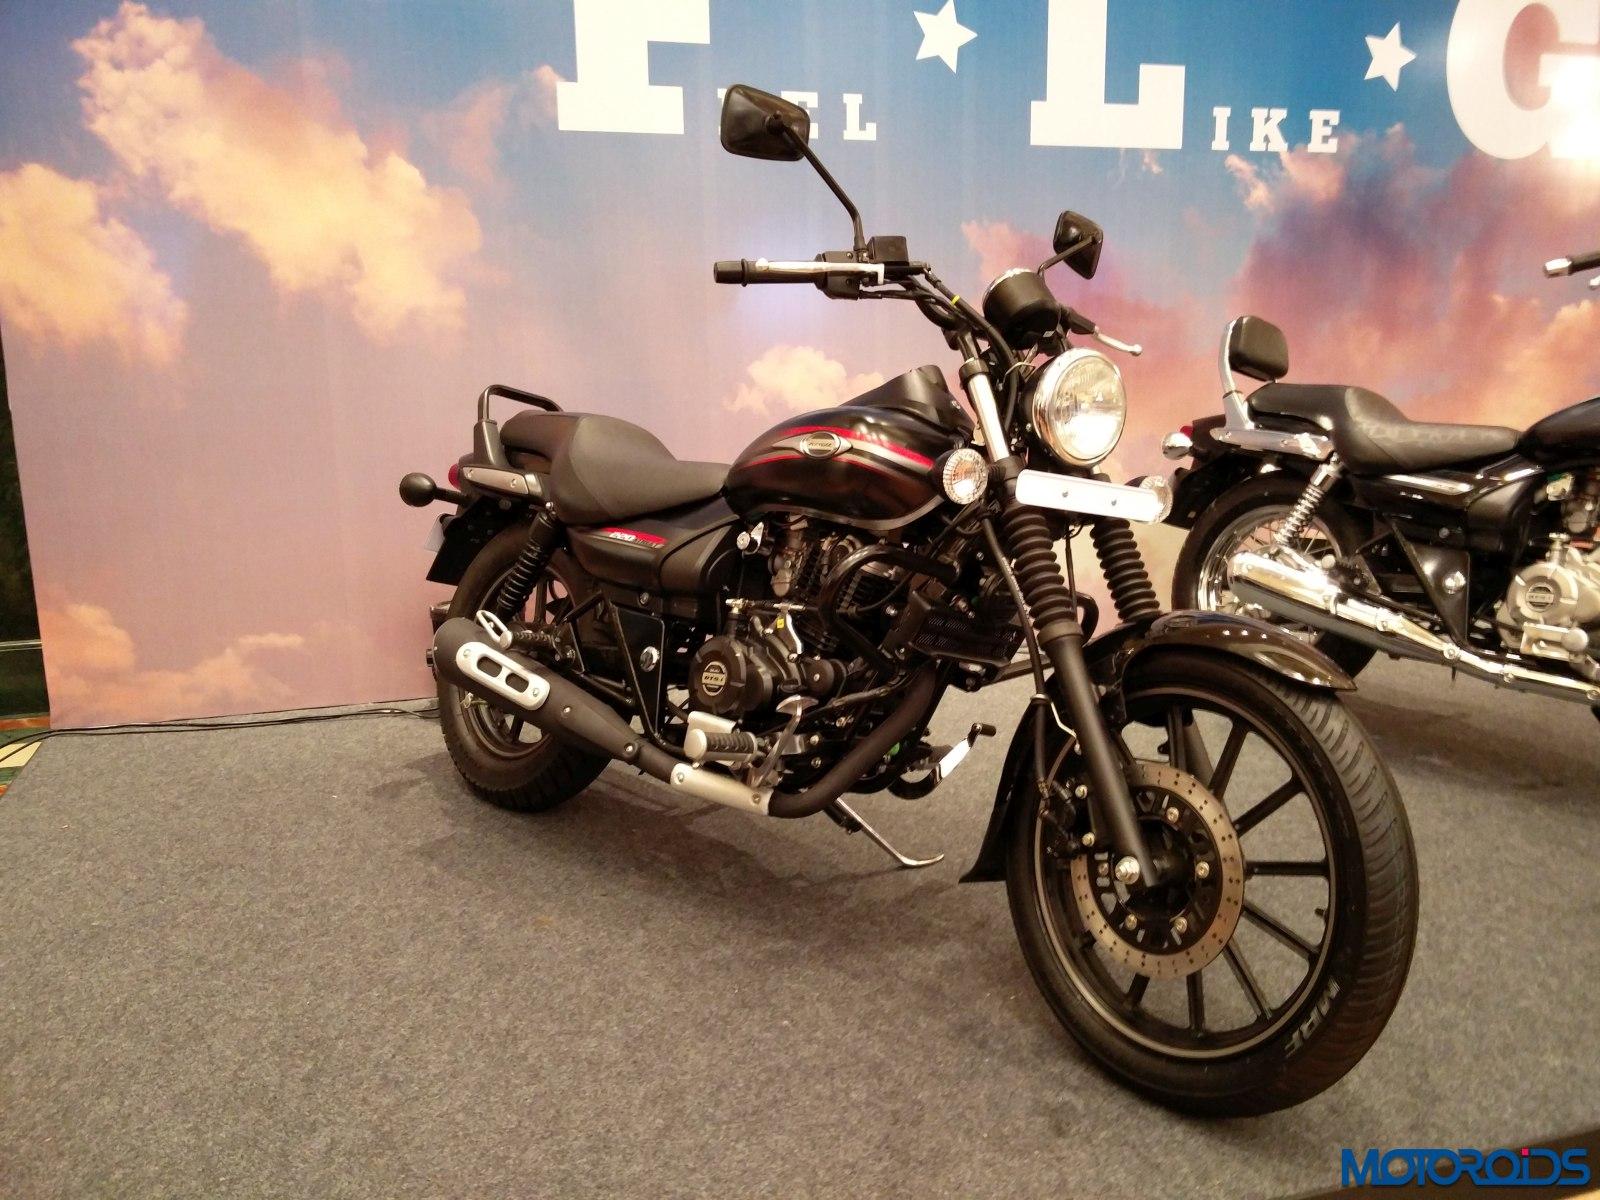 New 2016 Bajaj Avenger India Launch Price Rs 75 000 For